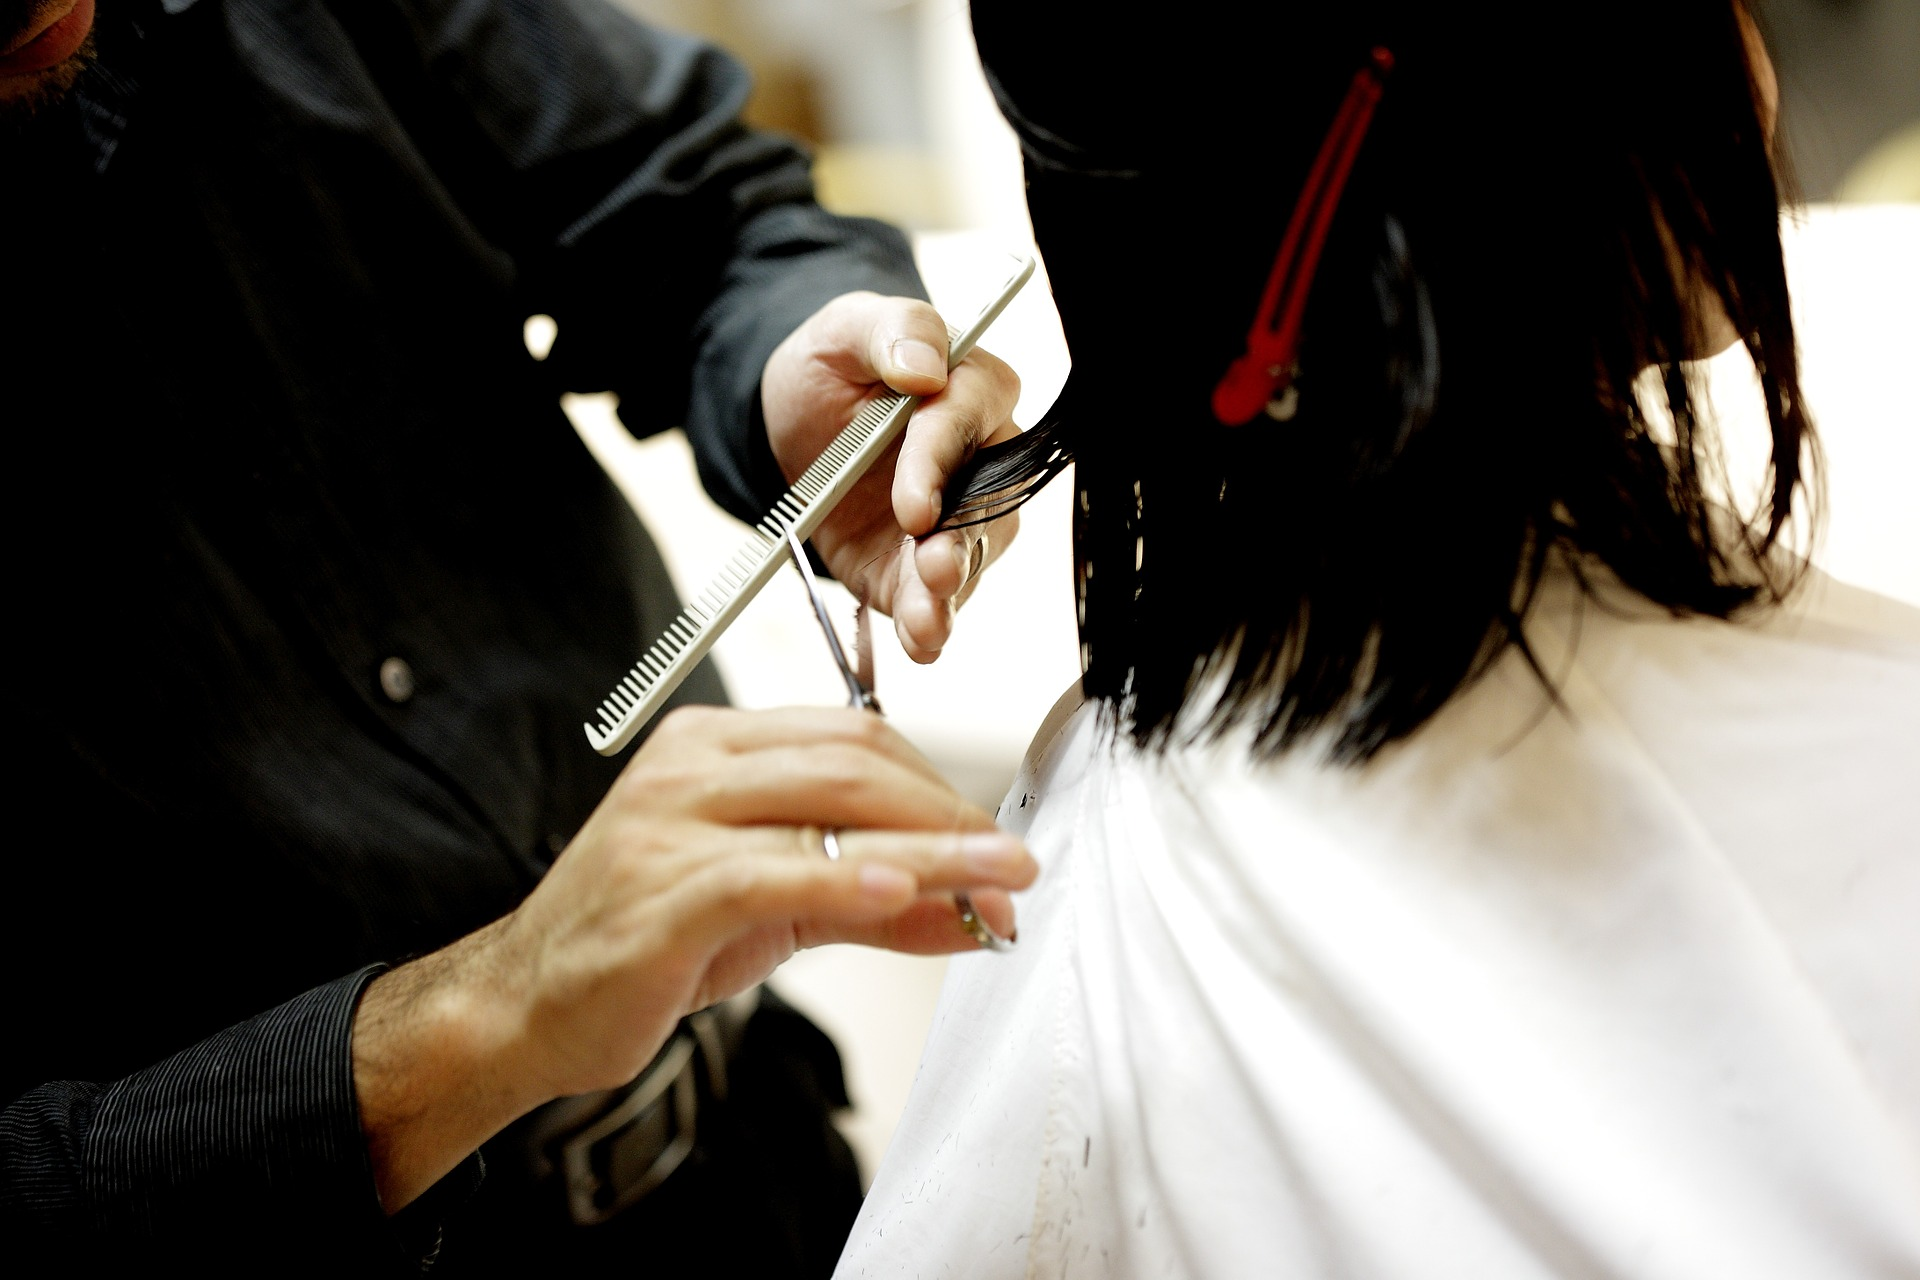 DIY haircut: Process and tools